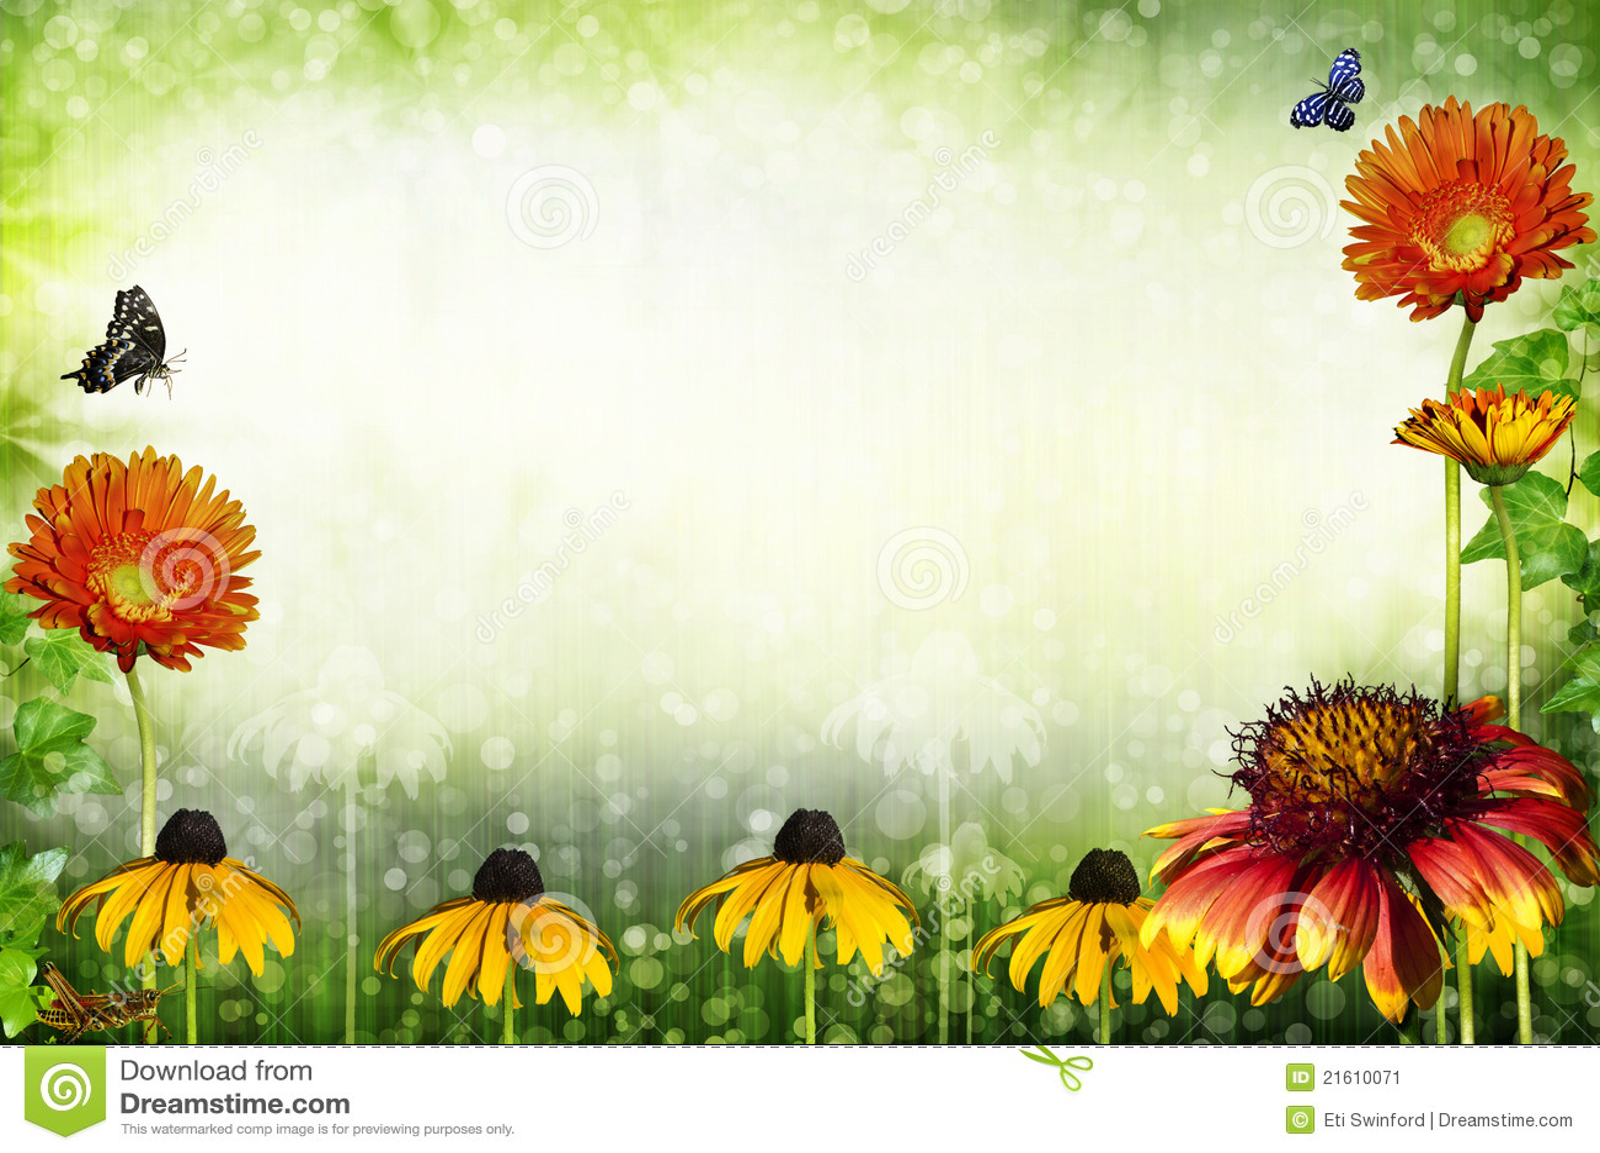 Marco de jardín stock de ilustración. Ilustración de jardín - 21610071